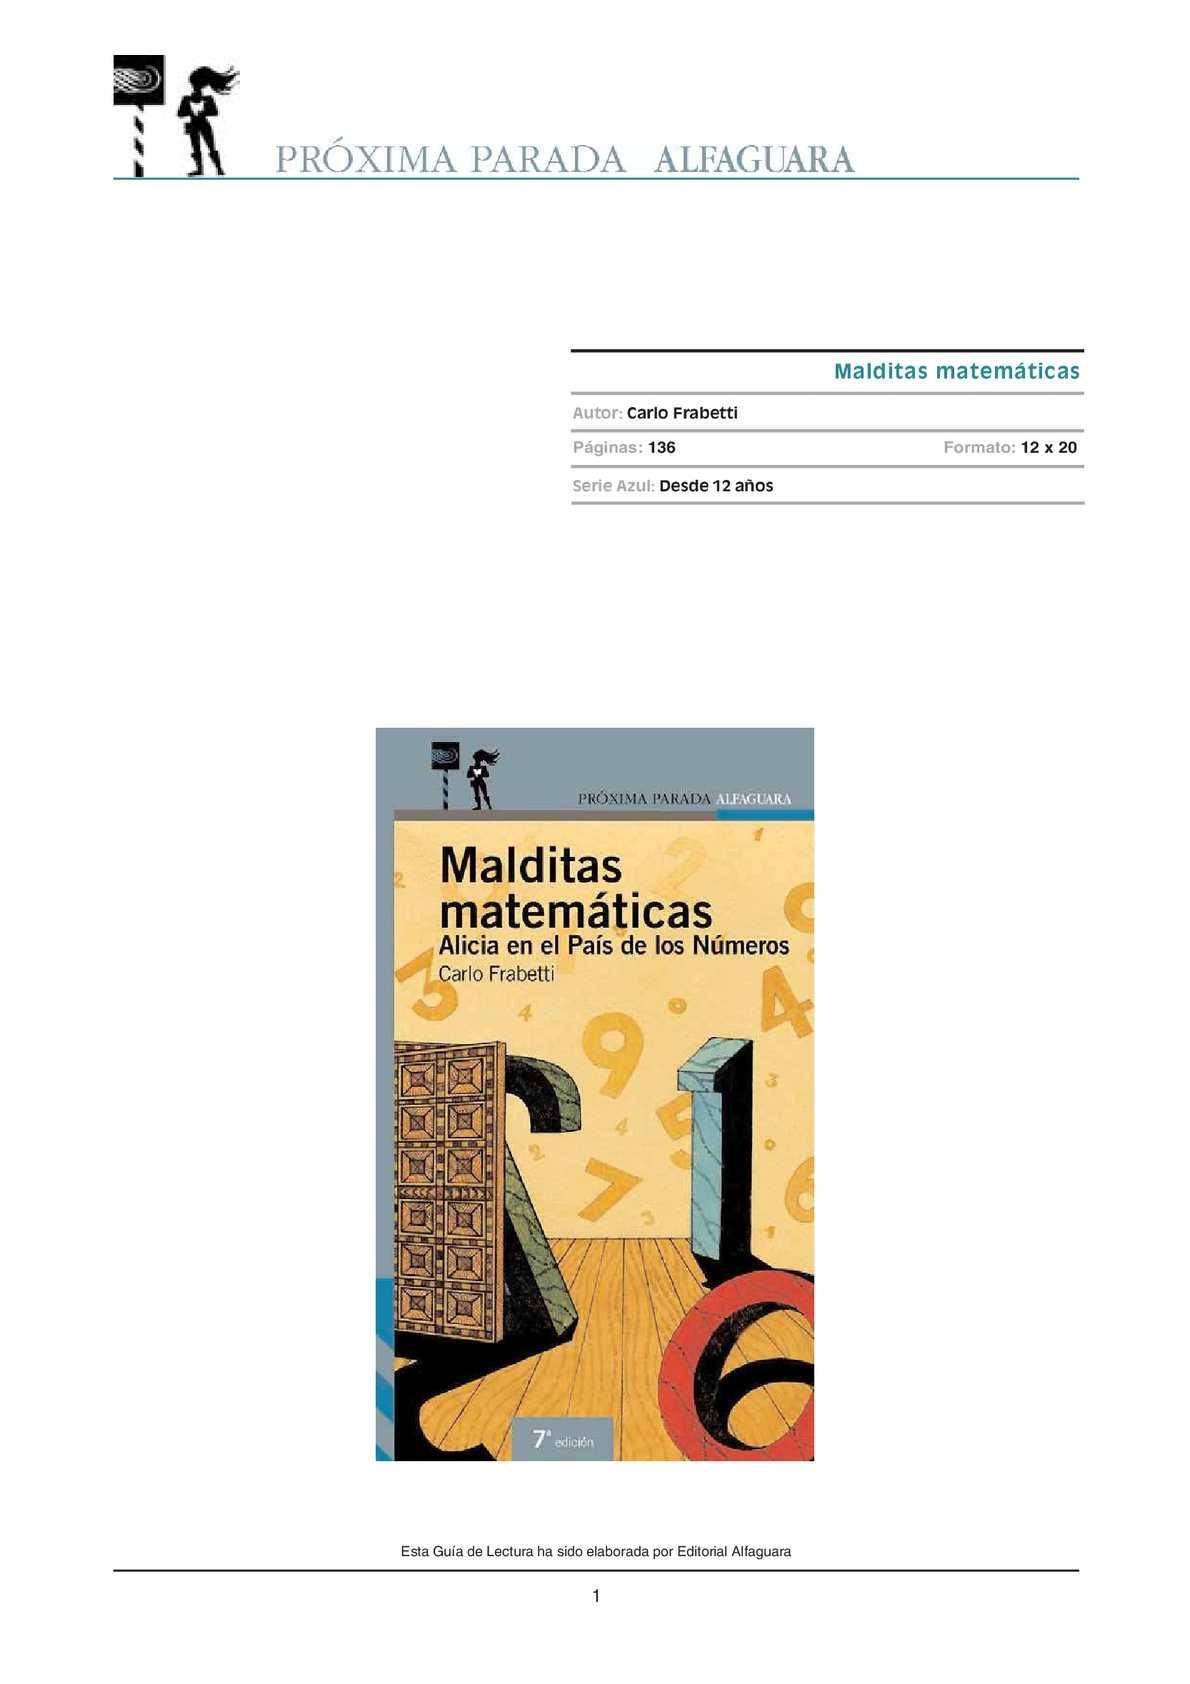 MALDITAS MAYEMÁTICAS